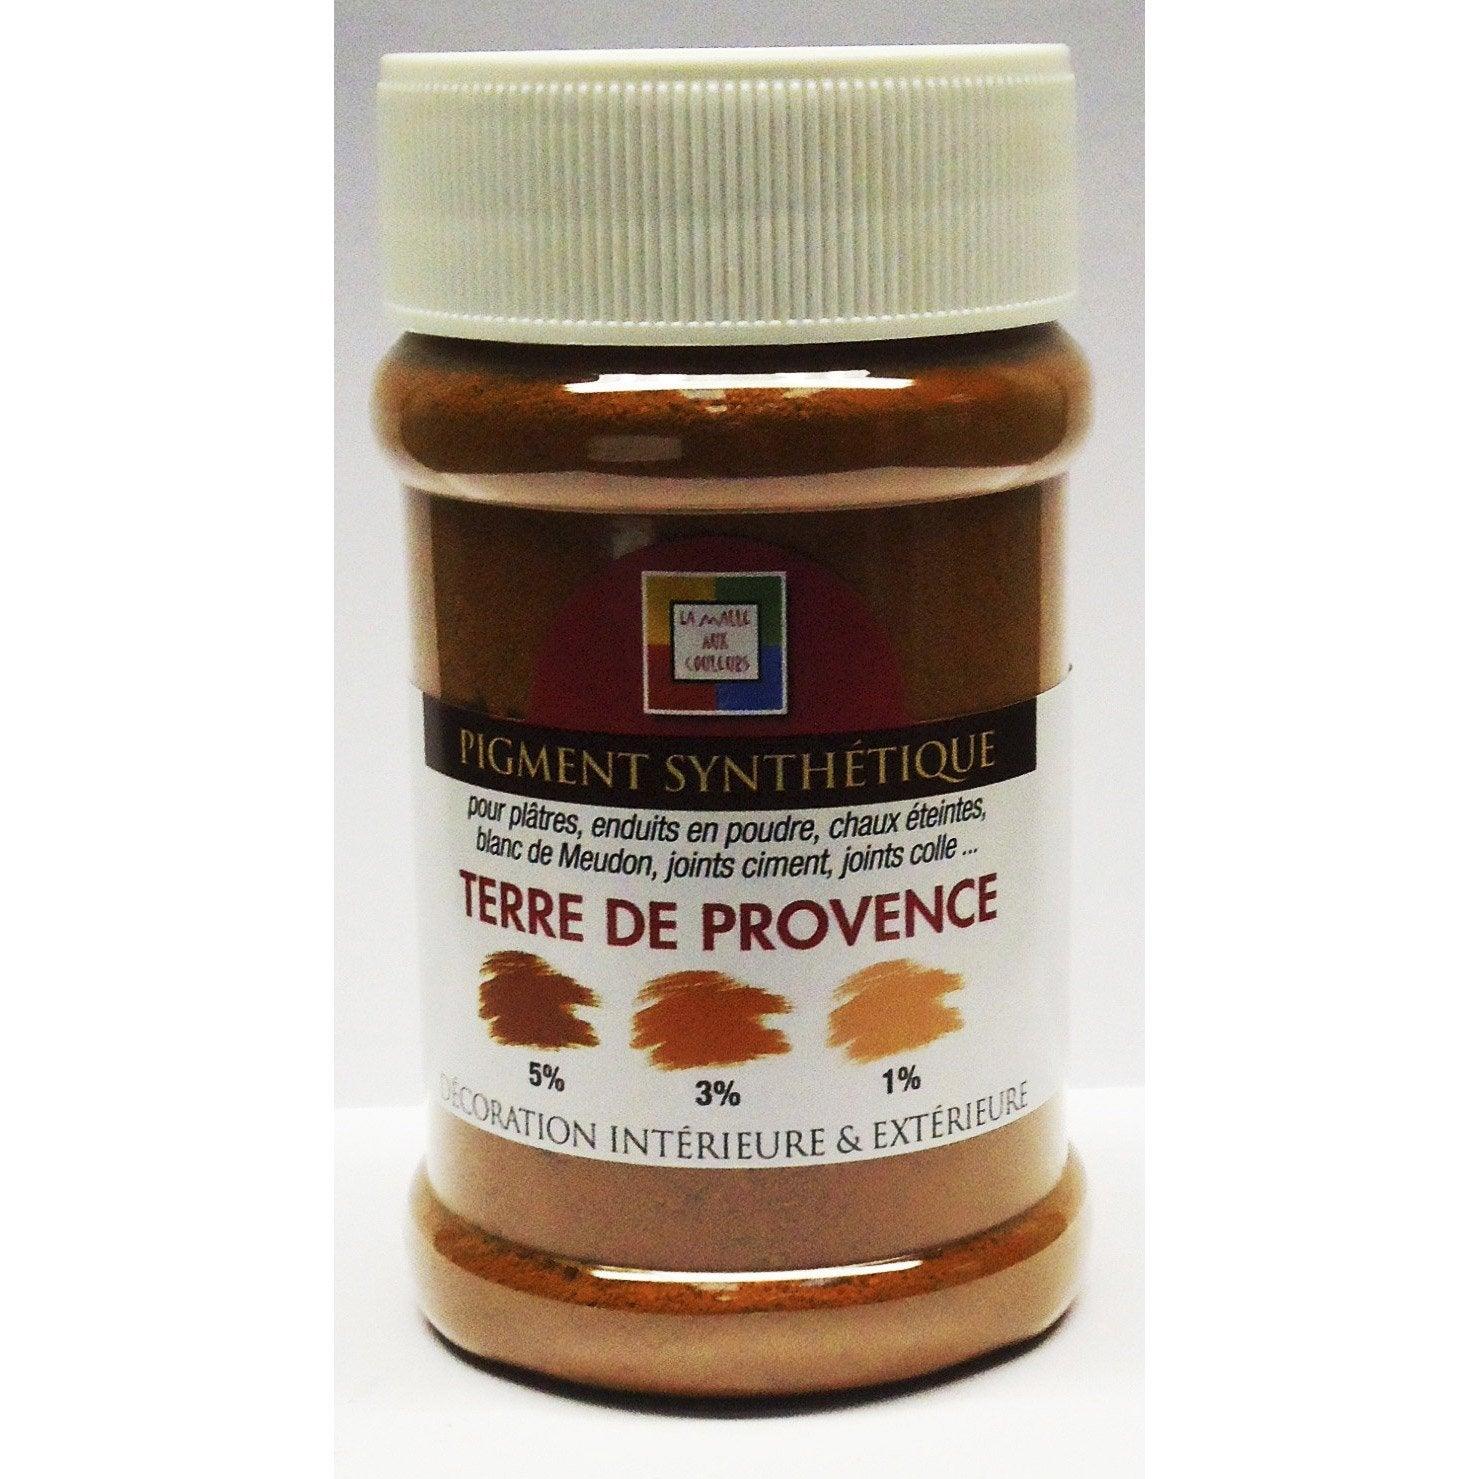 Pigment poudre malle aux couleurs terre de provence 250 ml - Bassin fontaine leroy merlin aixen provence ...